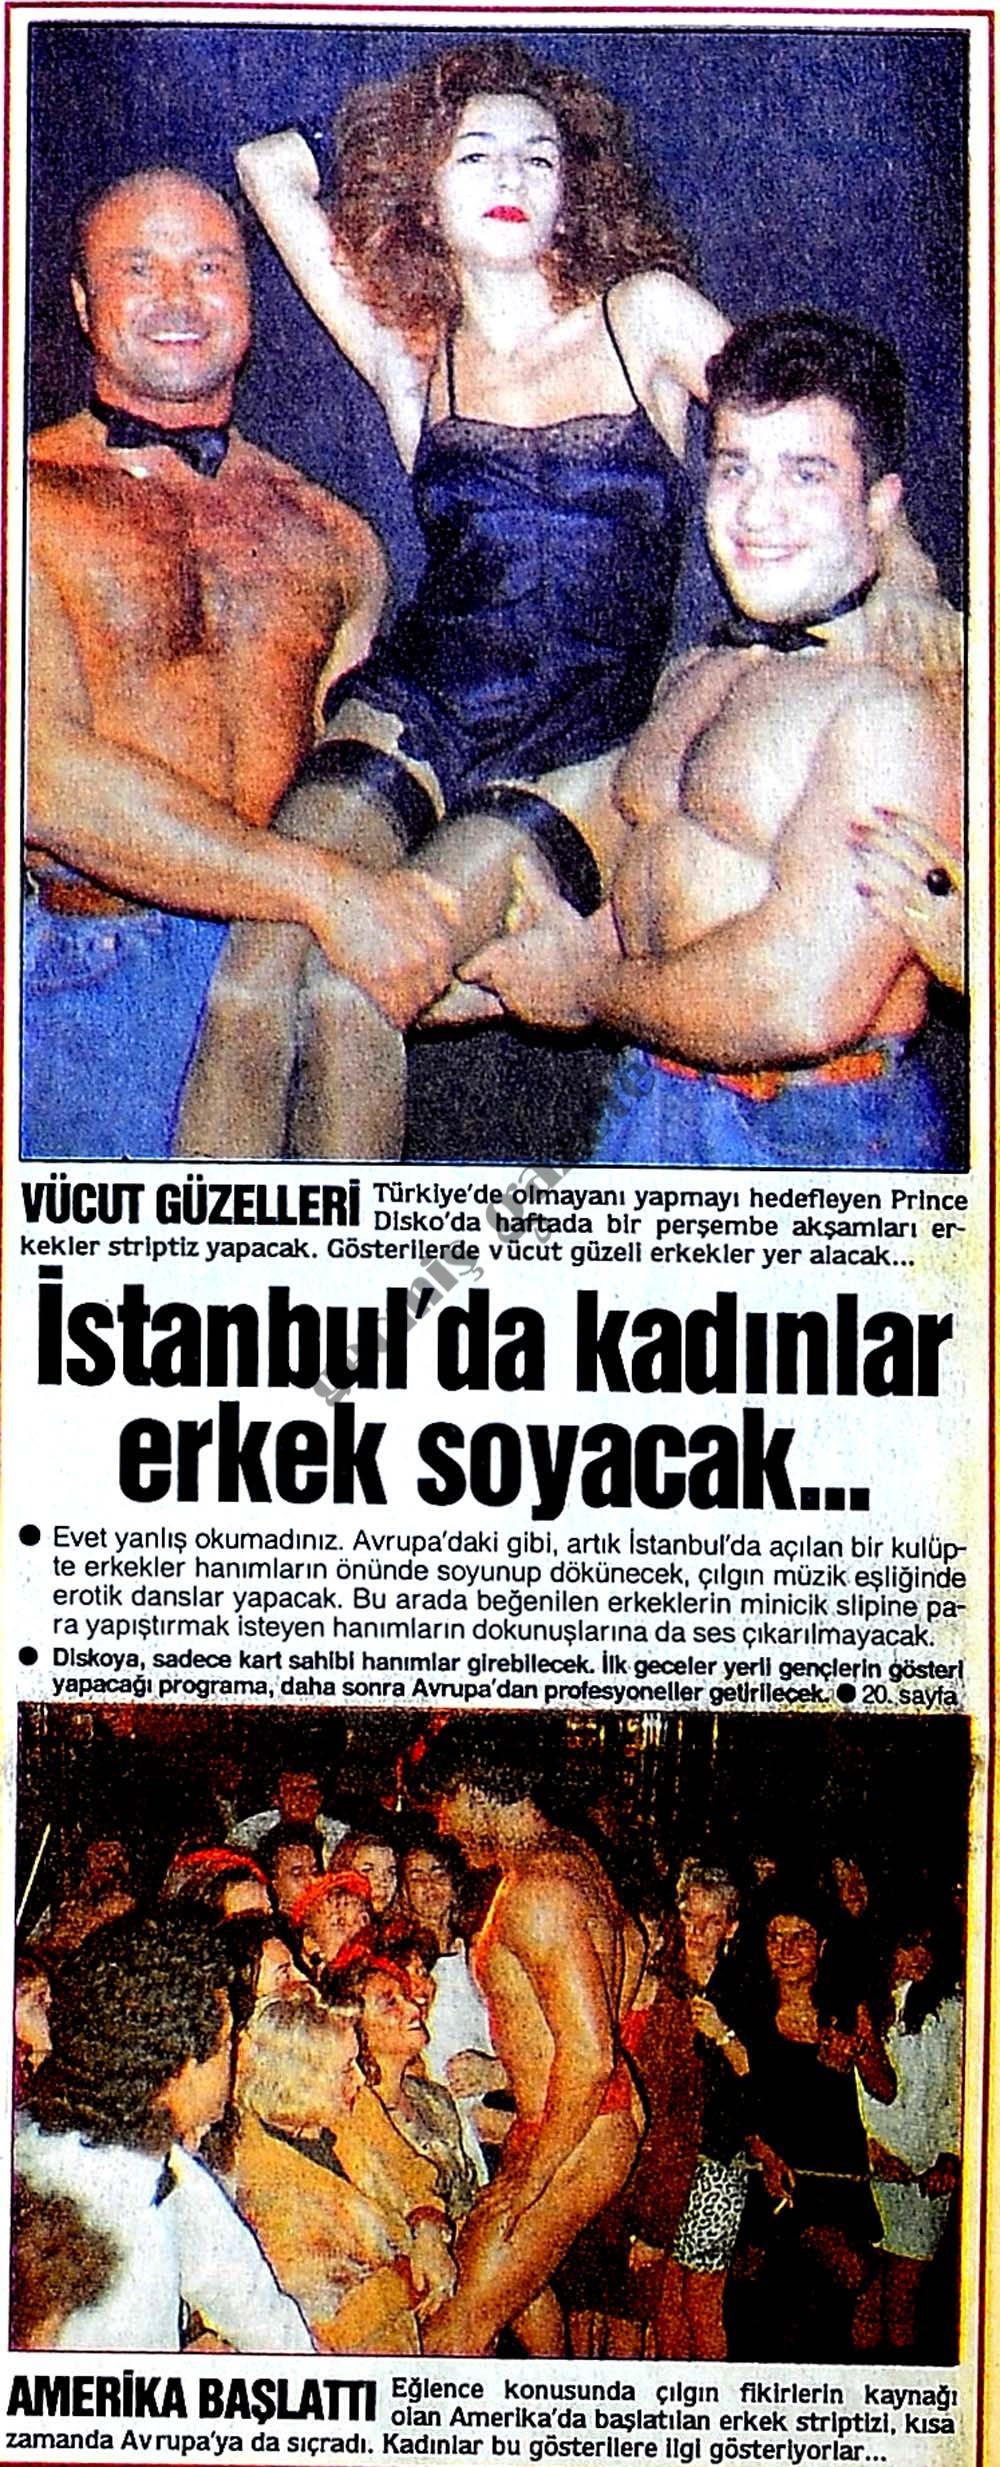 İstanbul'da kadınlar erkek soyacak